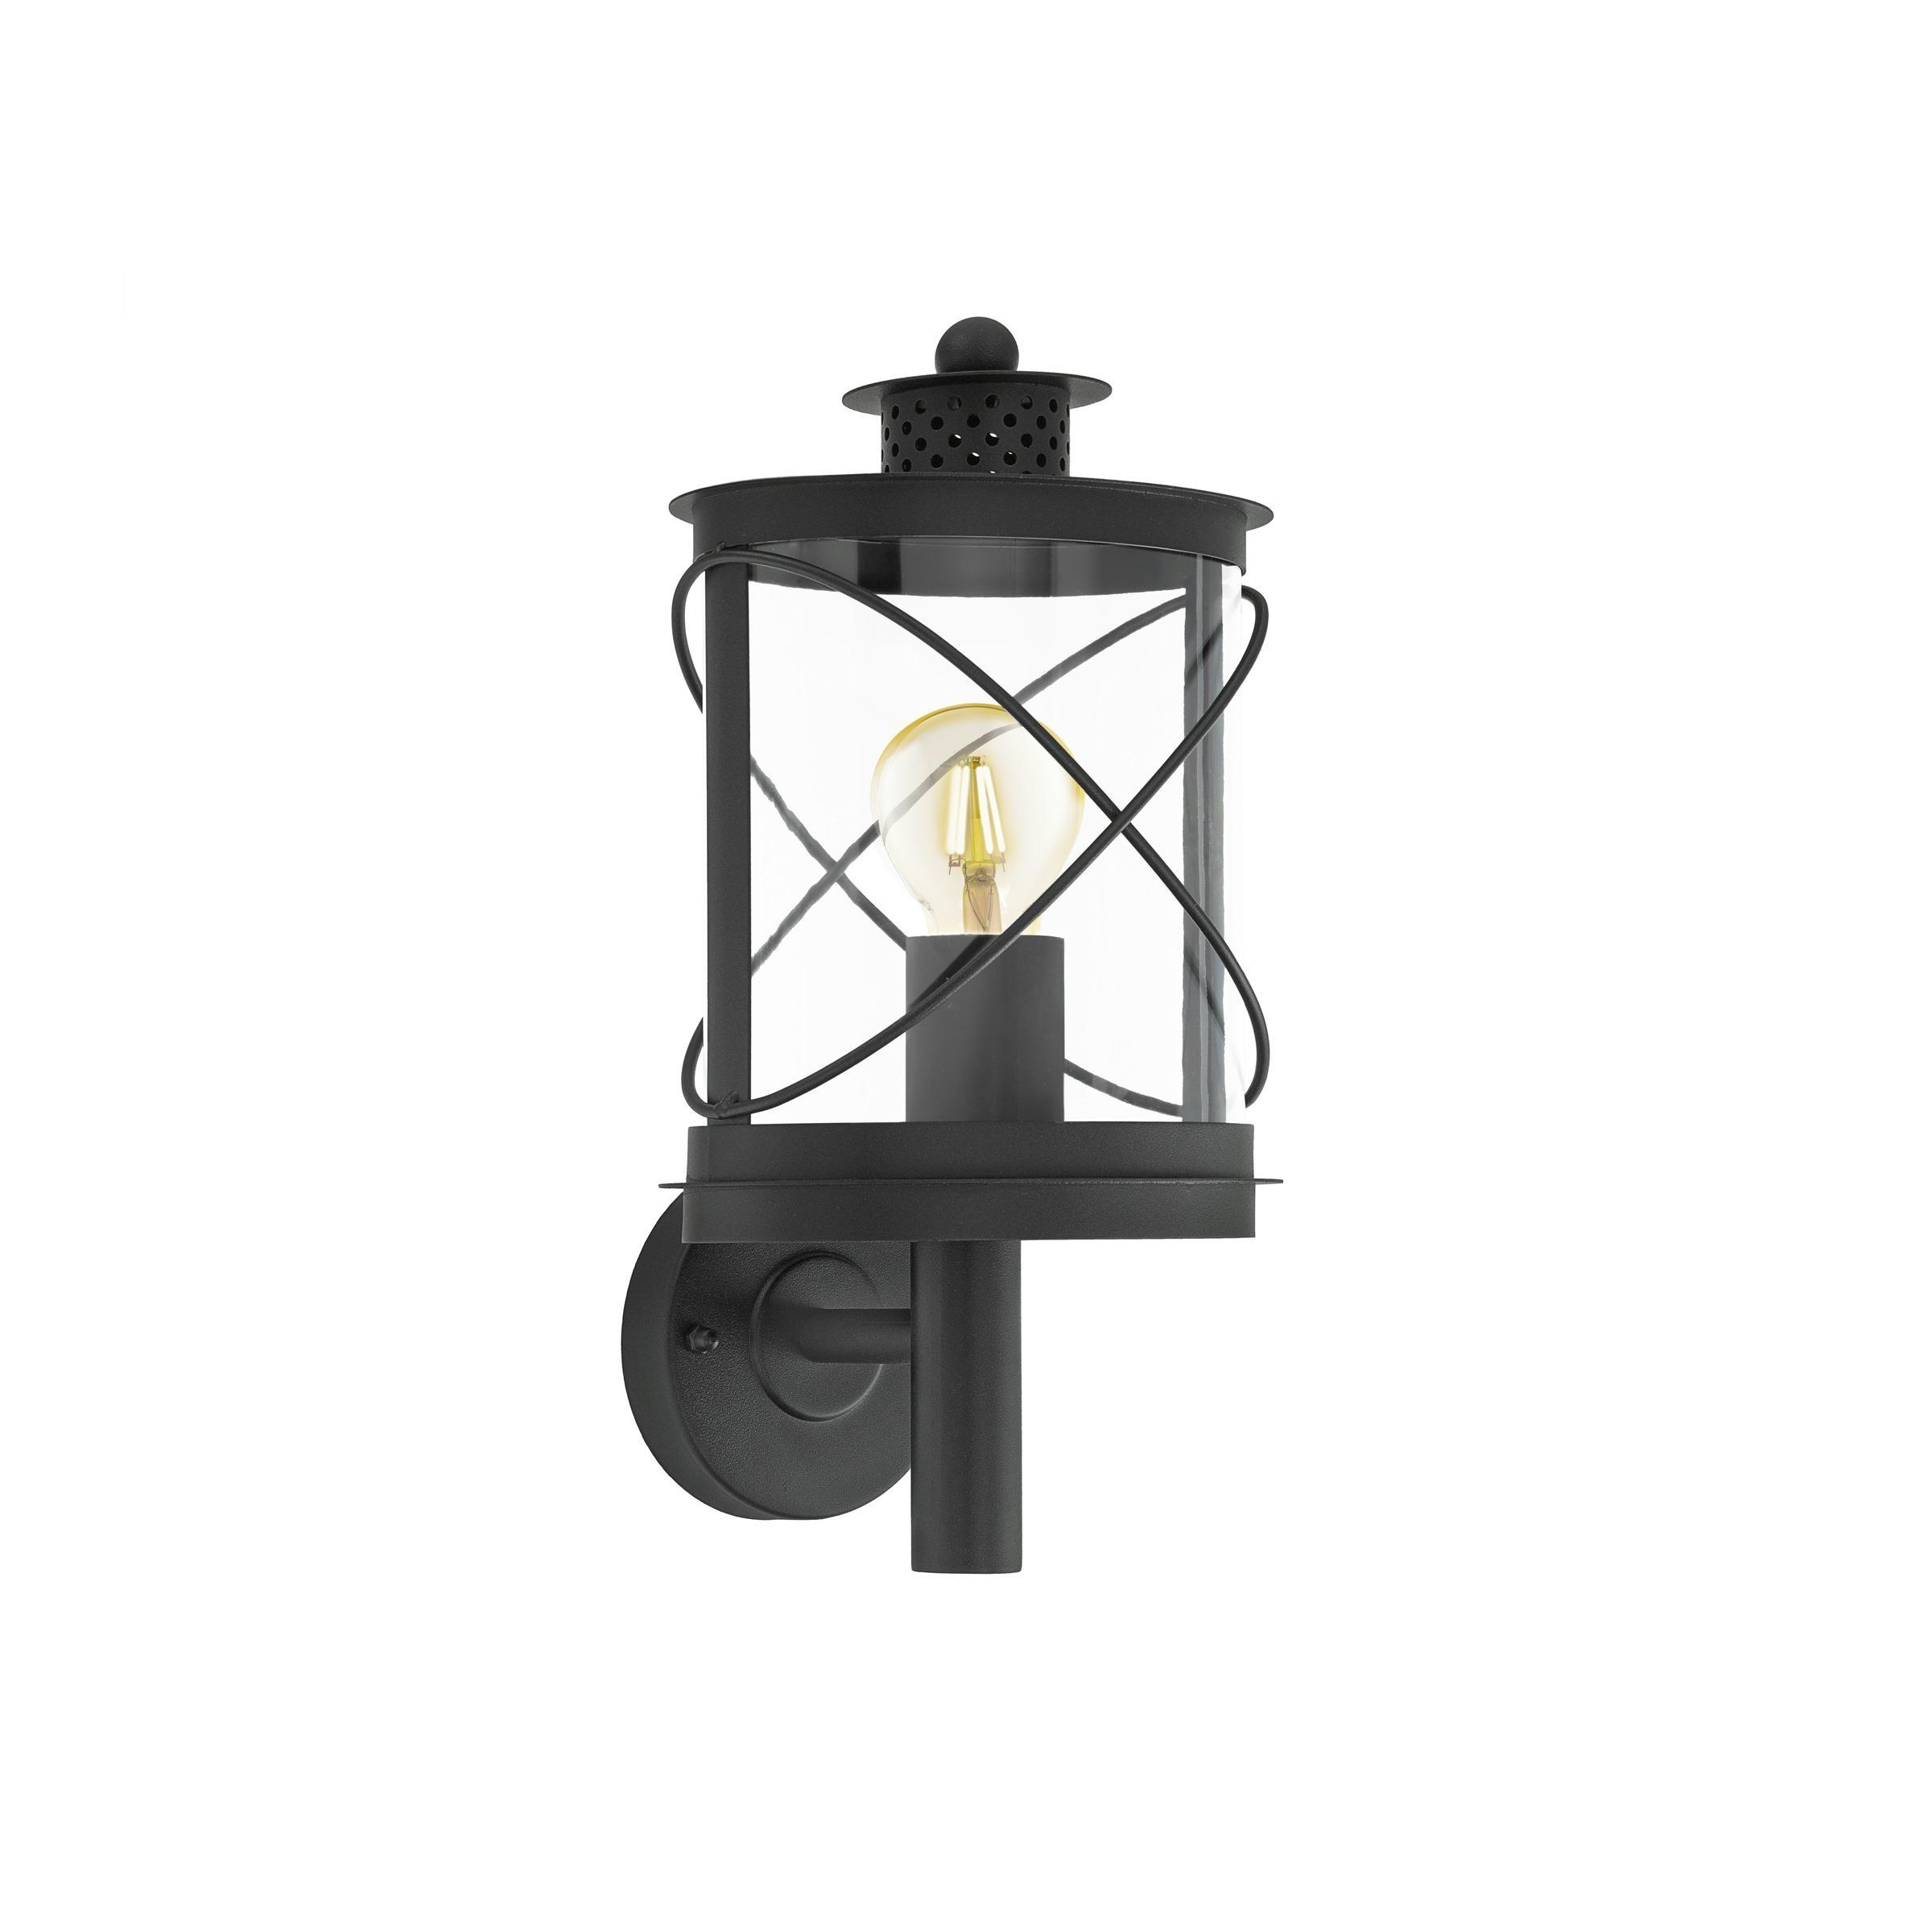 Eglo Tuinlampen 94842 Tuinverlichting